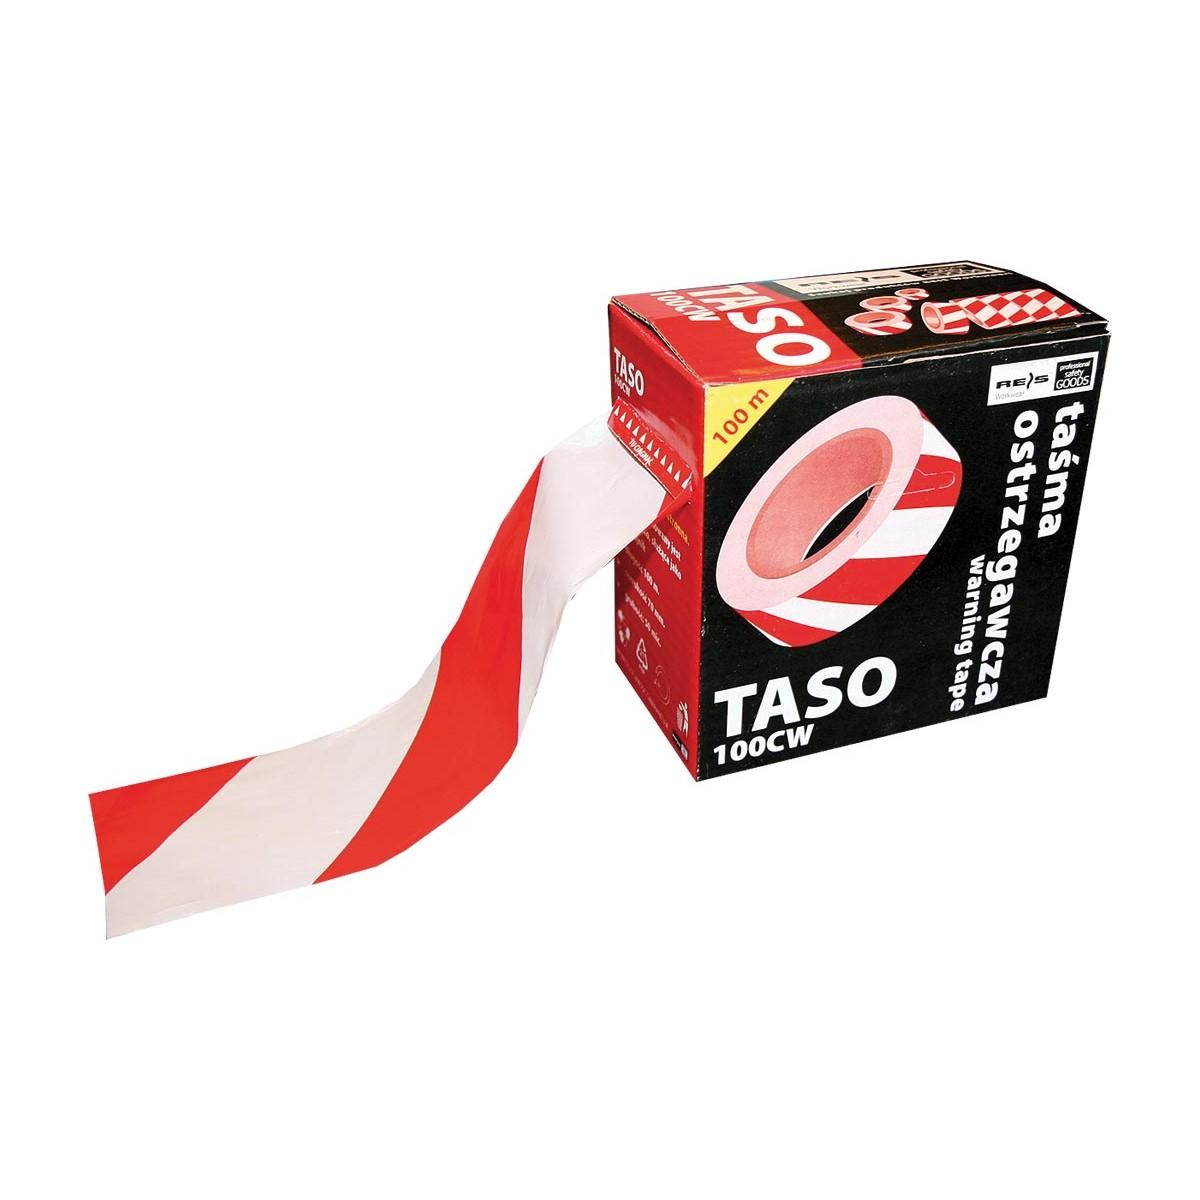 Taśma ostrzegawcza biało-czerwona dwustronna REIS TASO 100m